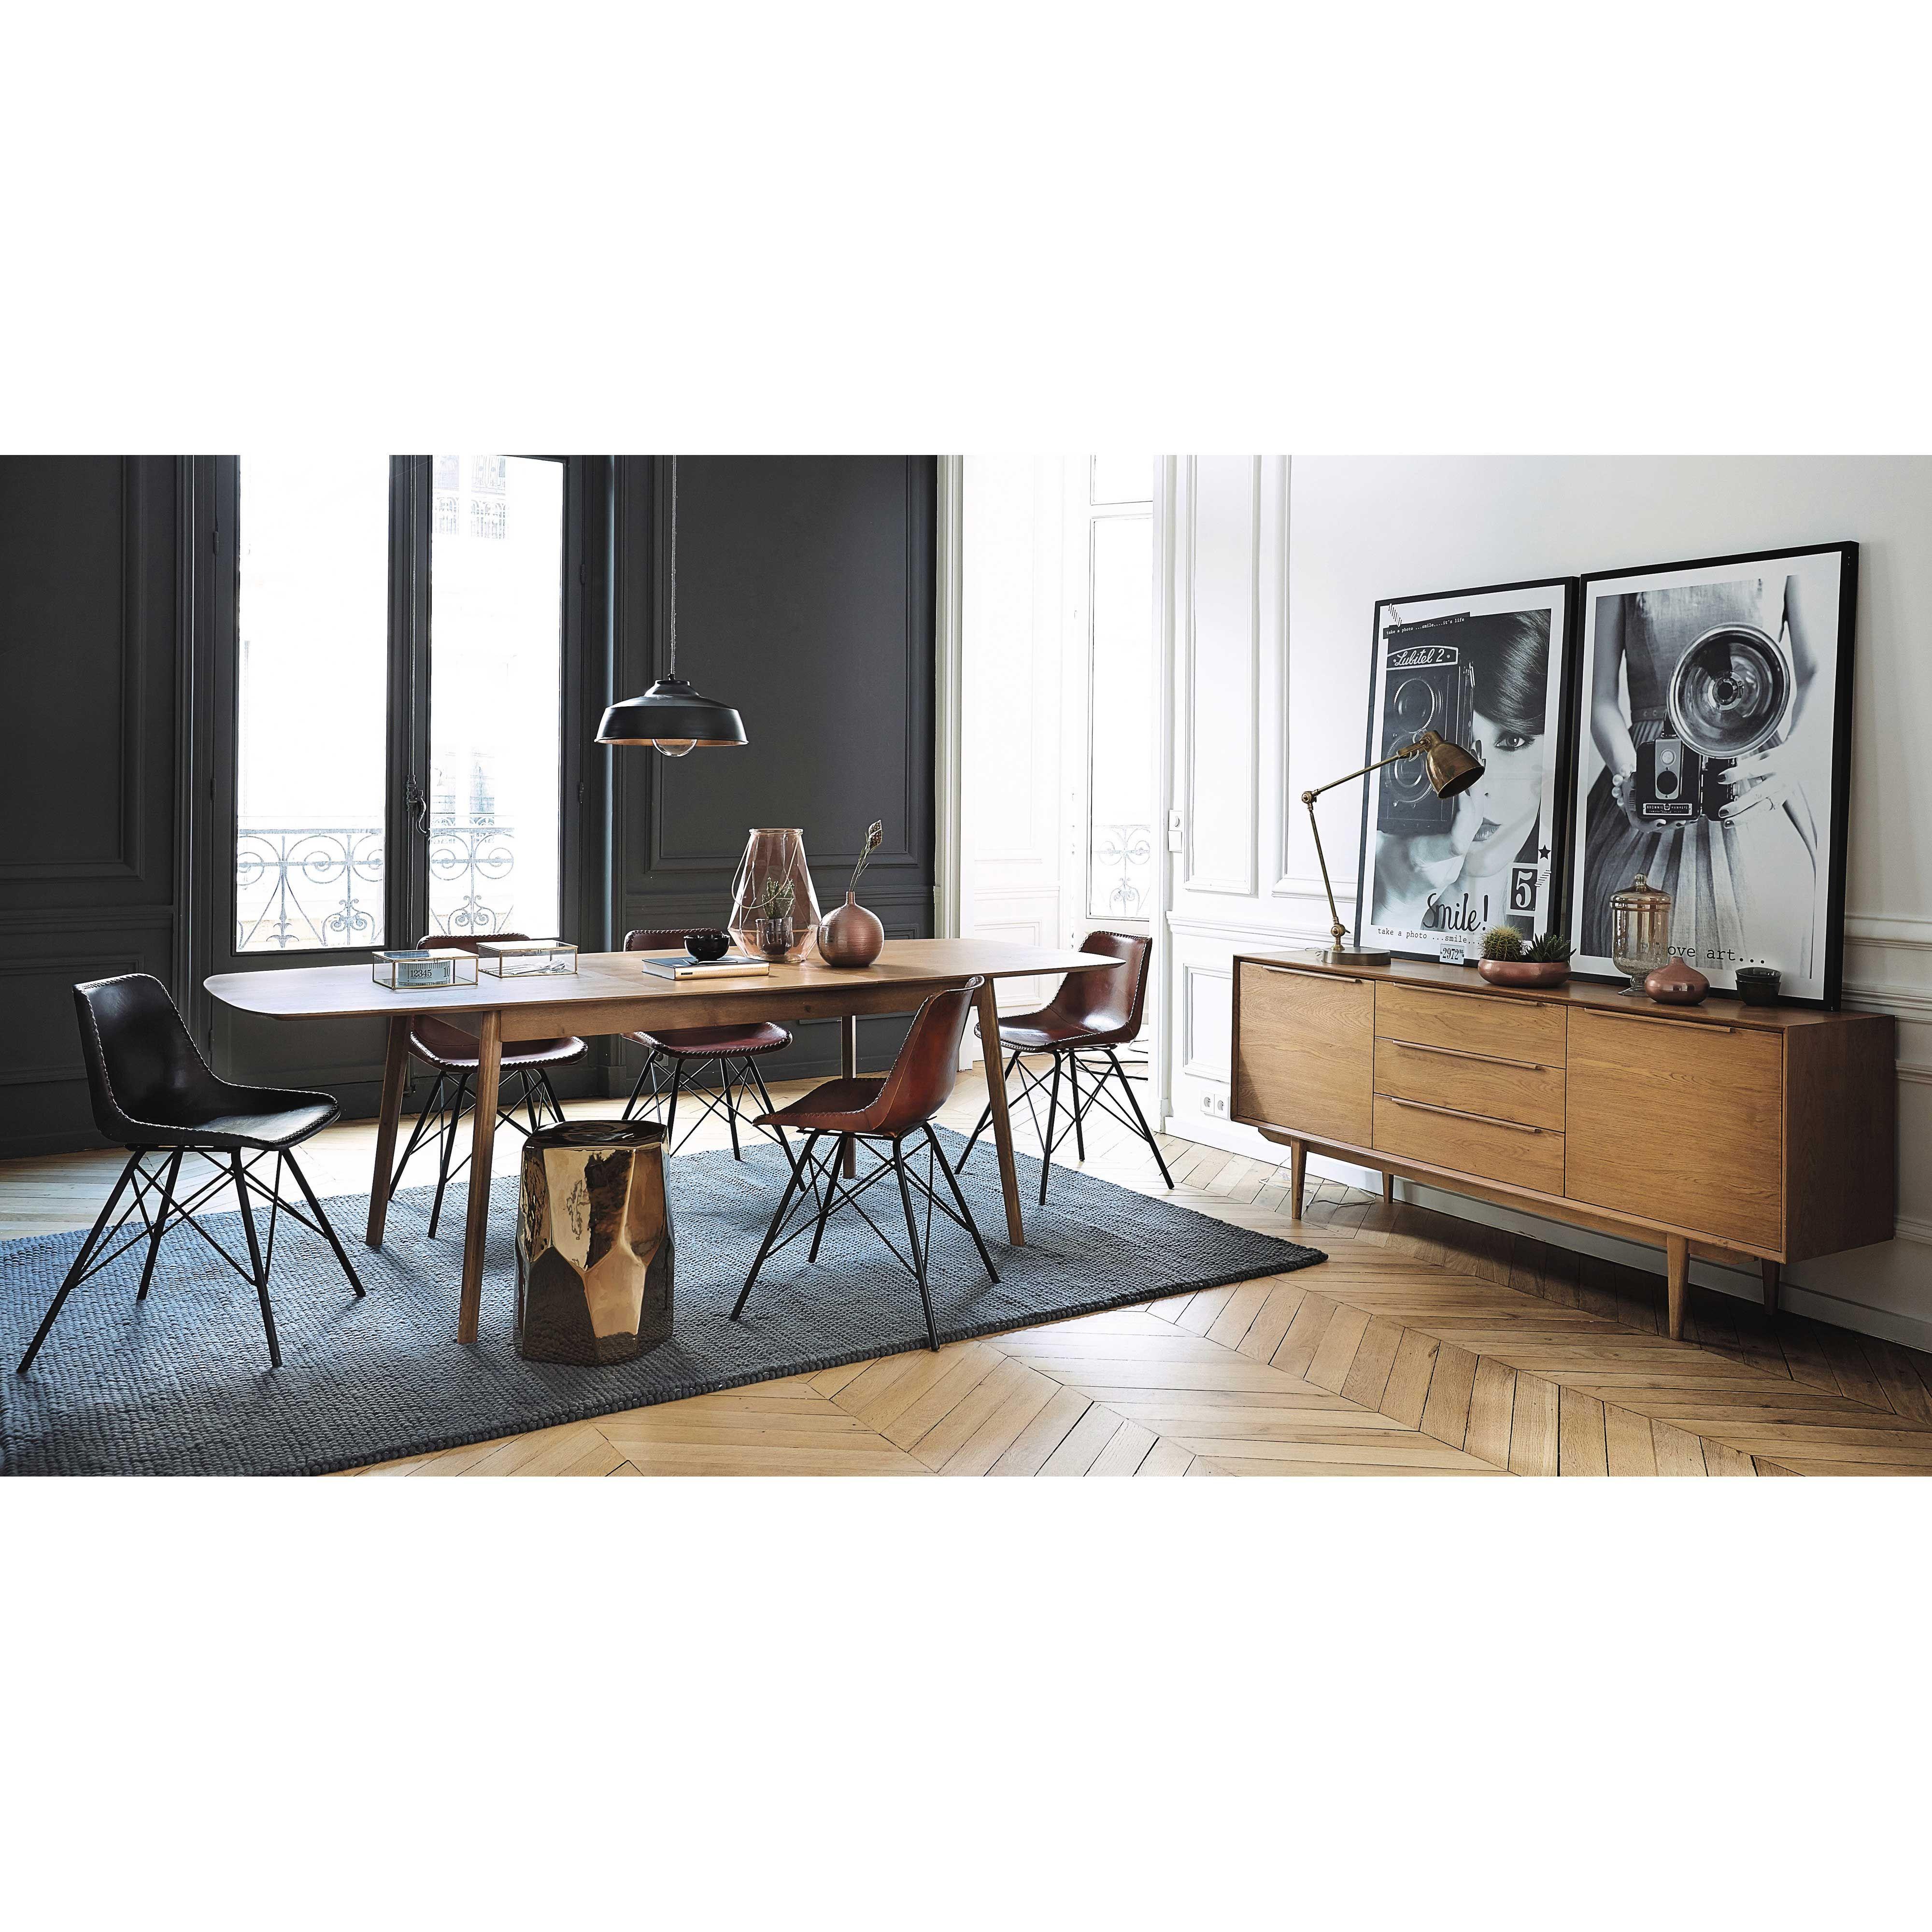 Table De Salle à Manger Vintage En Chêne Massif L 180 Cm Portobello    Maisons Du